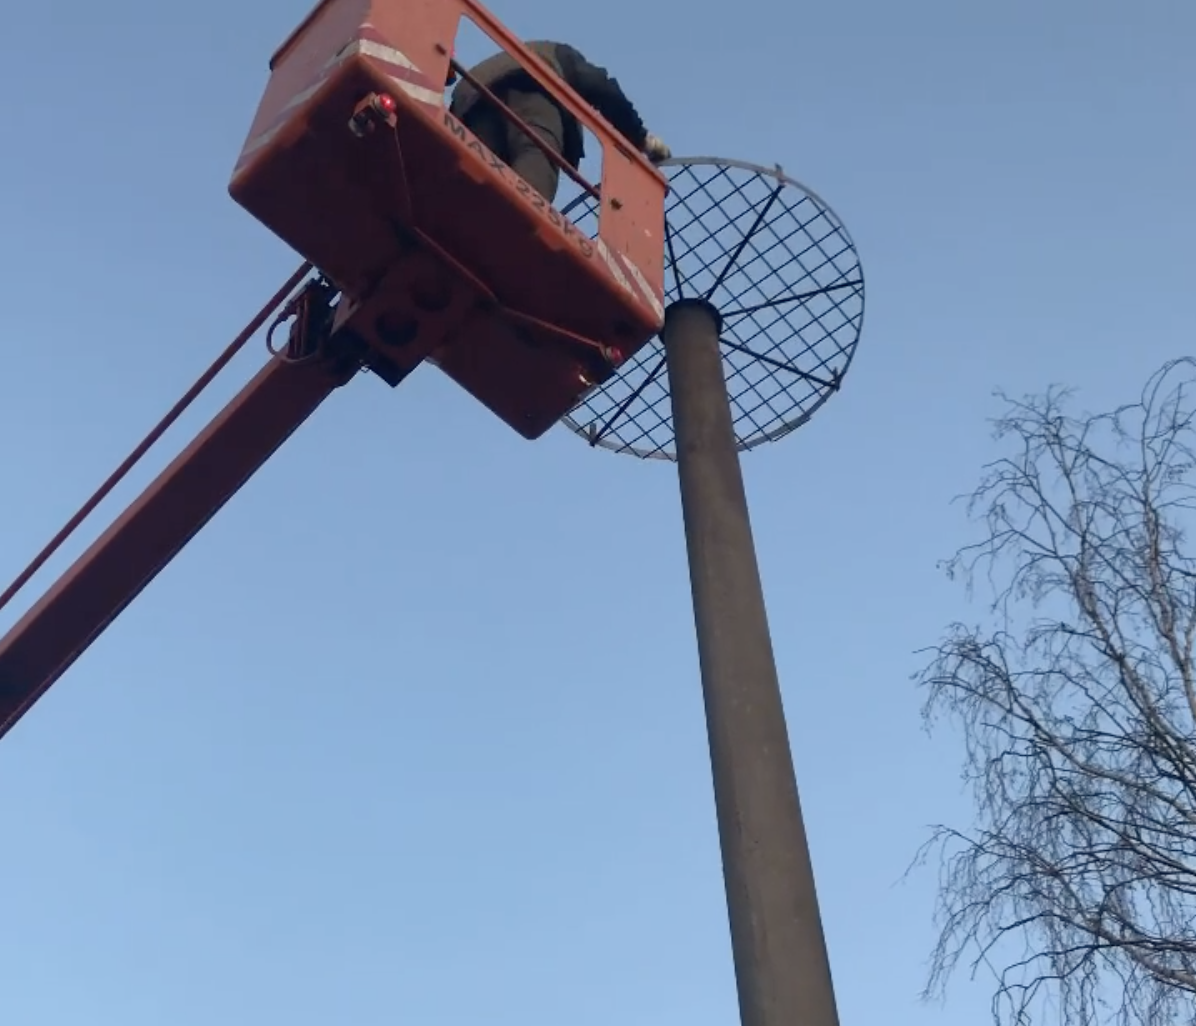 Čapí hnízdo prochází  nutnou rekonstrukcí...než přiletí první nájemník tak bude hotovo👍